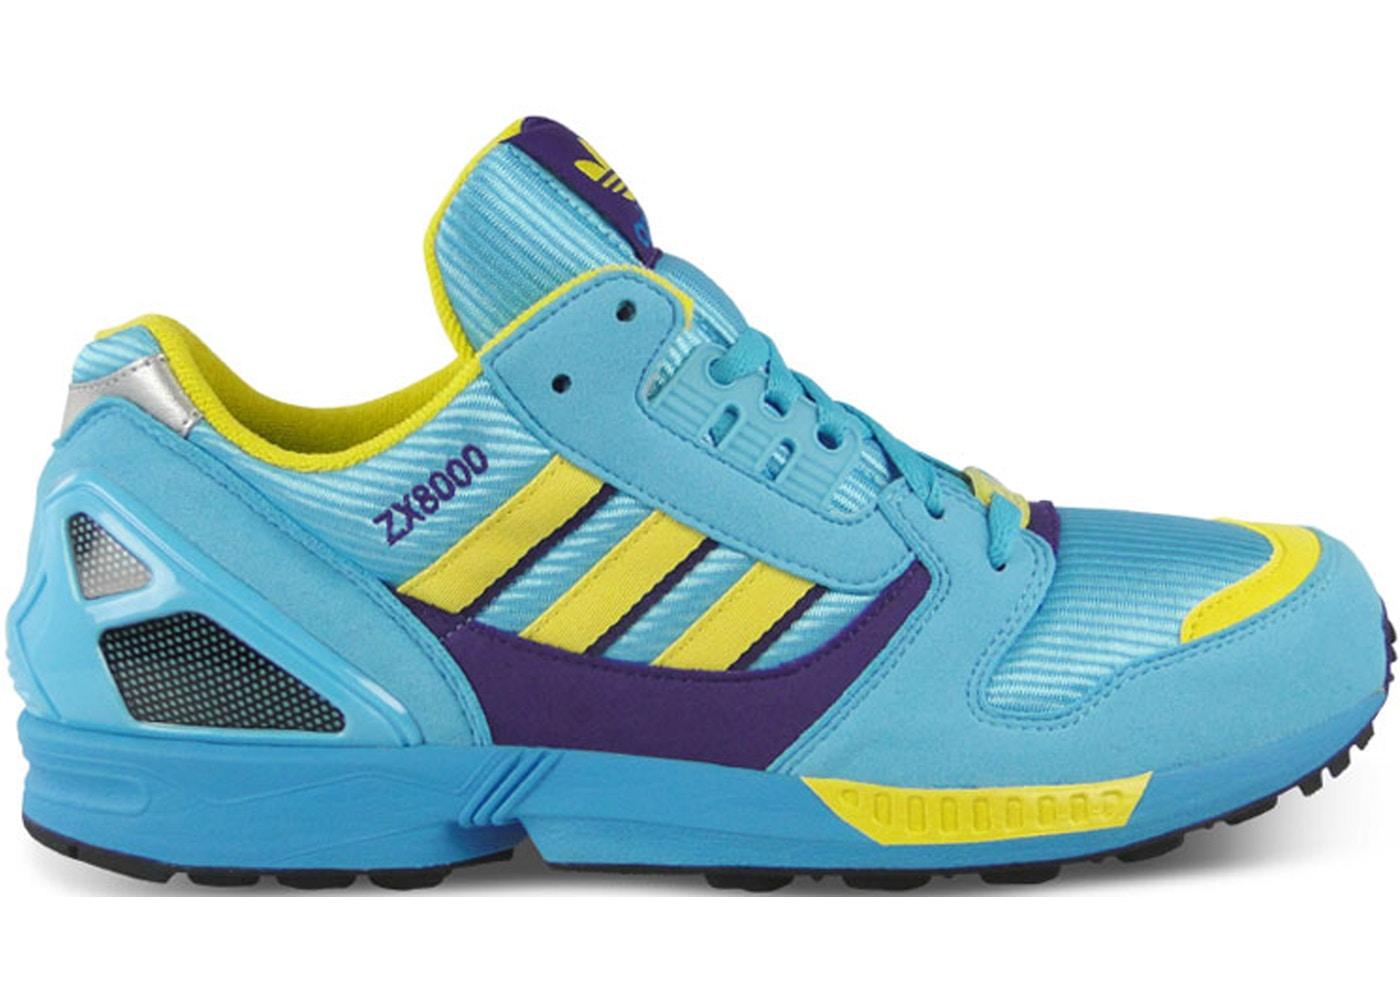 メンズ靴, スニーカー  ADIDAS ZX 8000 OG AQUA LIGHT LEMON PEEL VIOLET